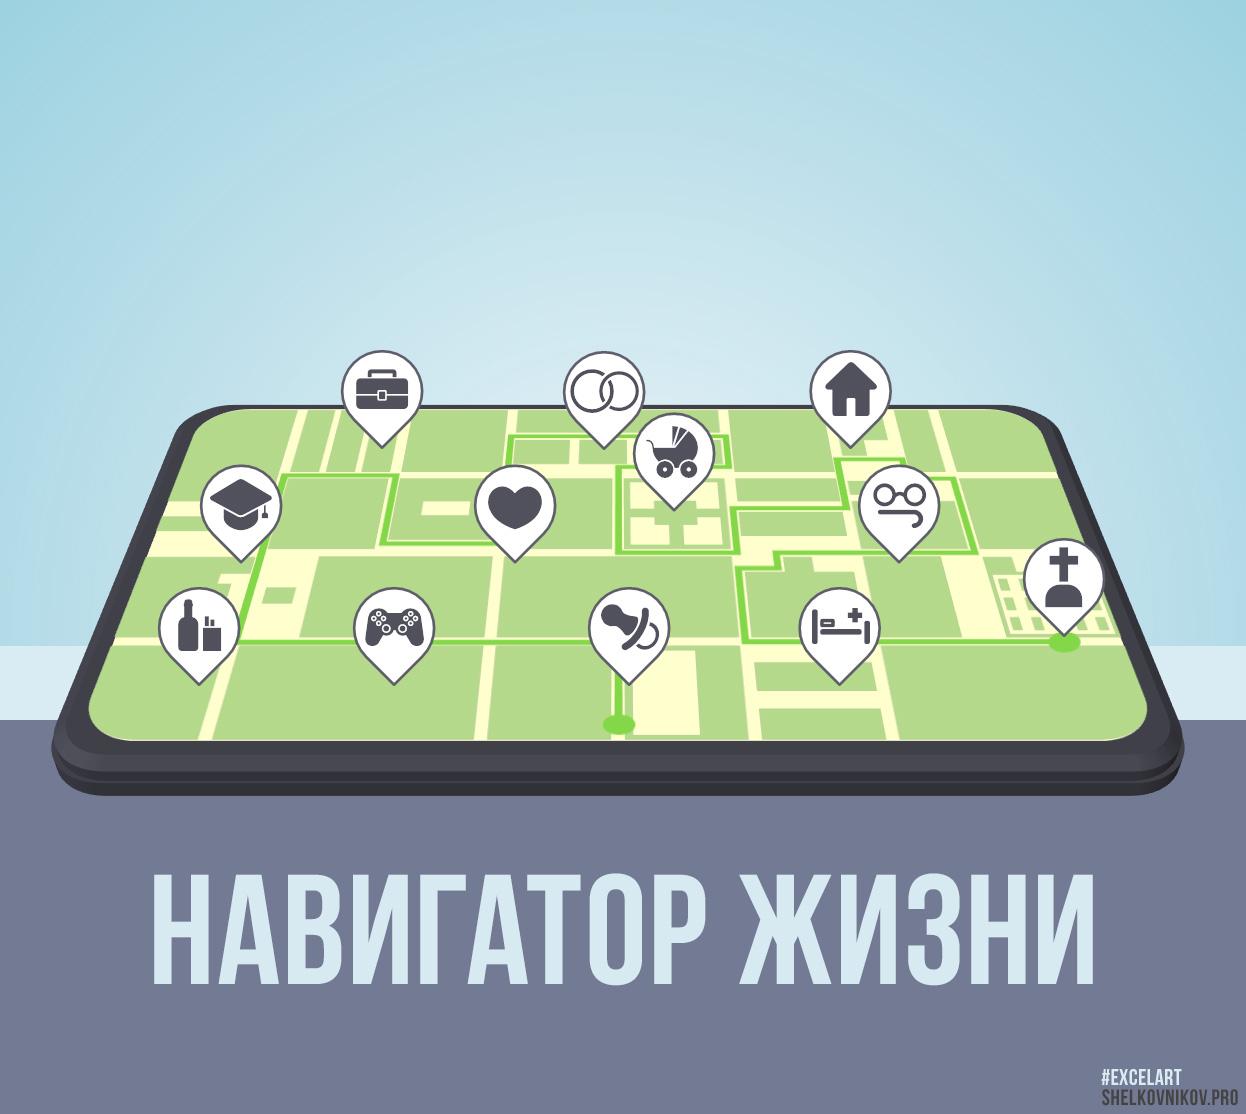 Иллюстрация навигатор жизни